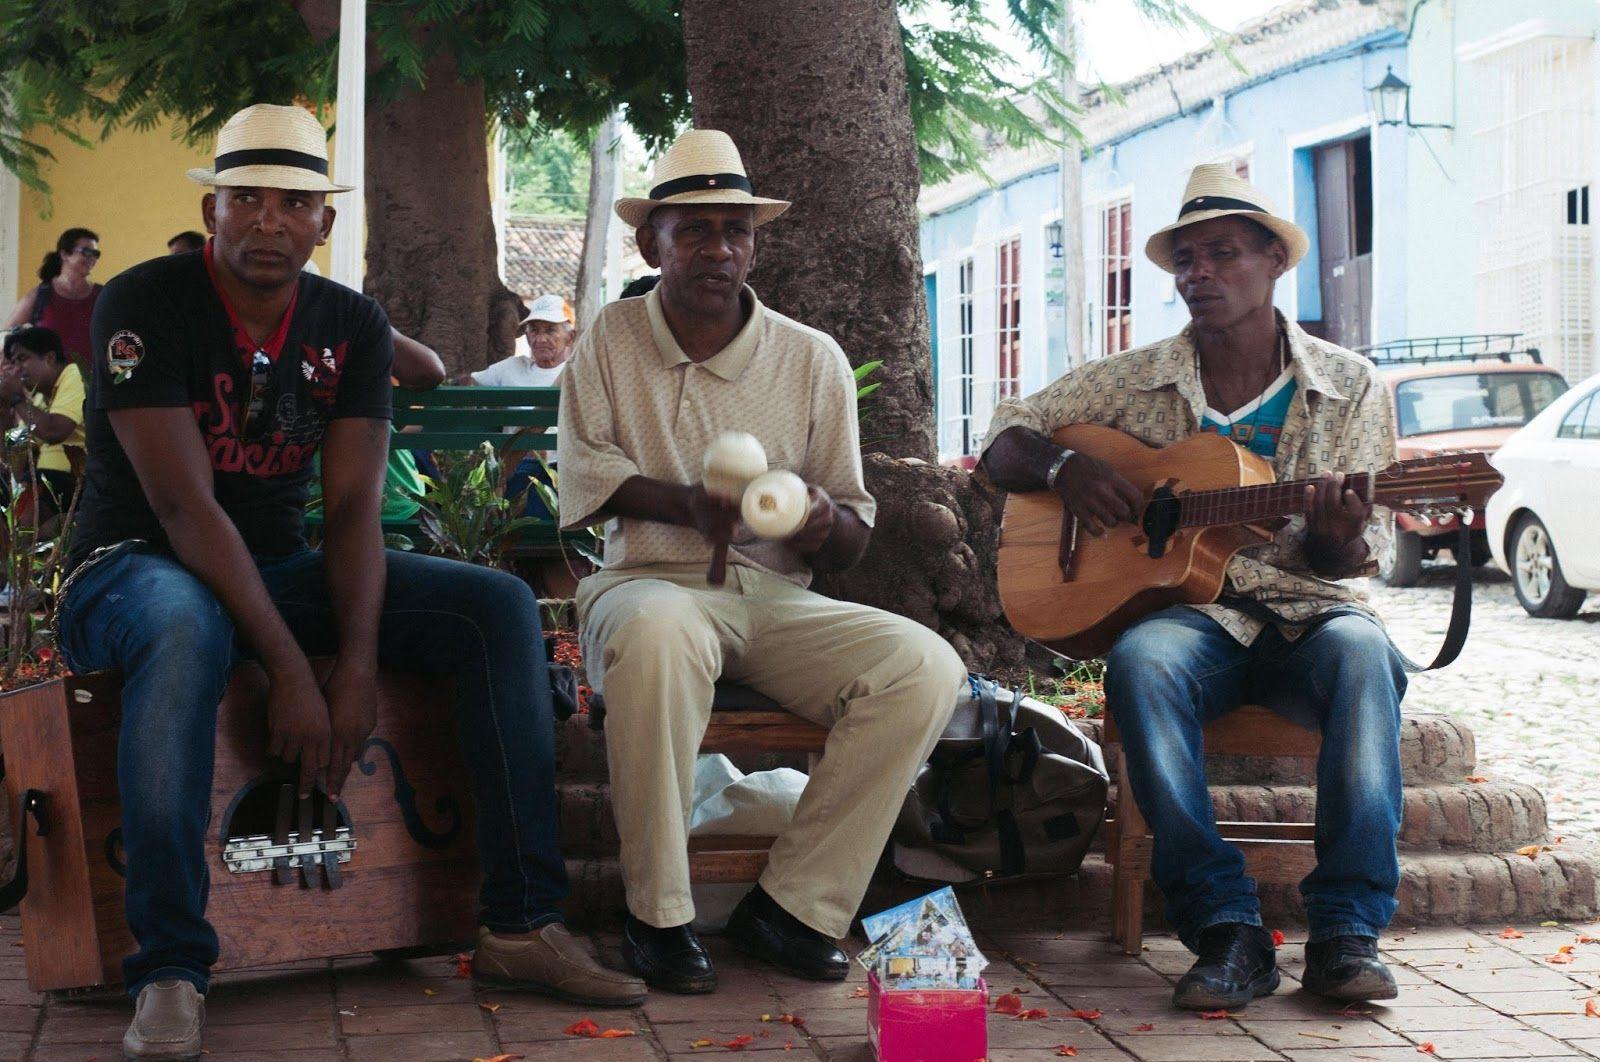 Trinidad - Cuba  http://www.laflorinata.com/2016/09/diario-de-viaje-cuba-cienfuegos.html#more